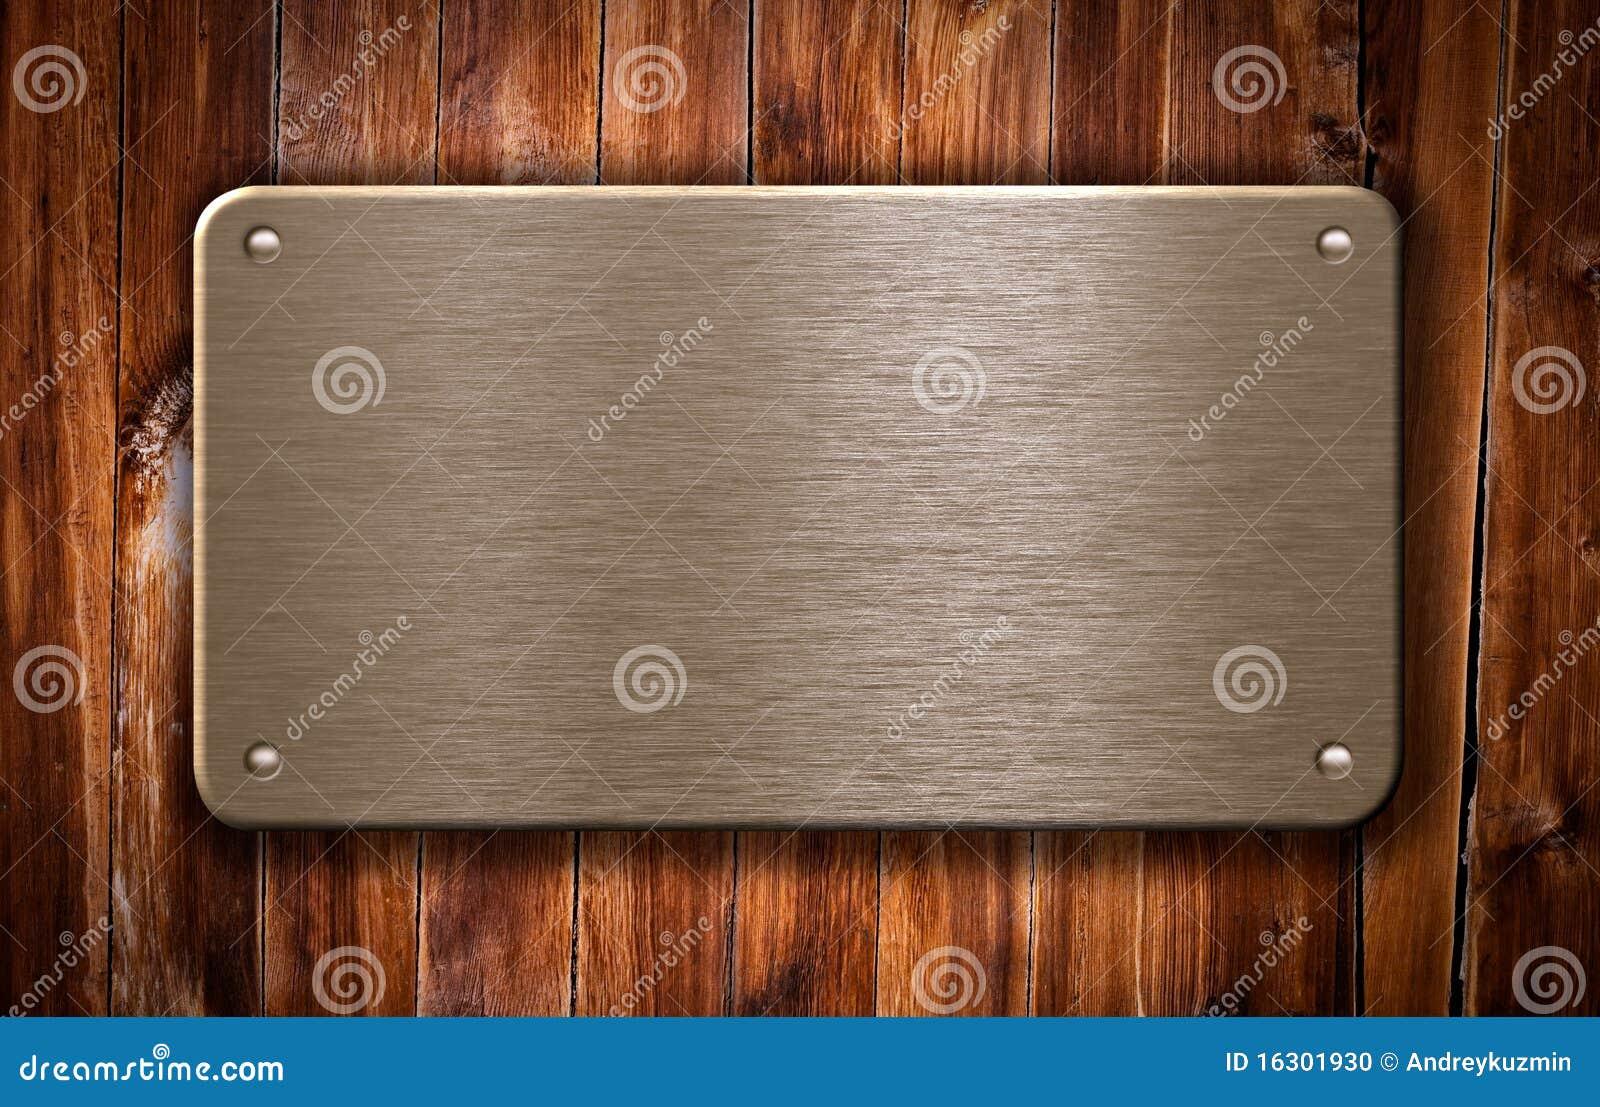 de plaque m tallique en laiton sur le fond en bois photo. Black Bedroom Furniture Sets. Home Design Ideas